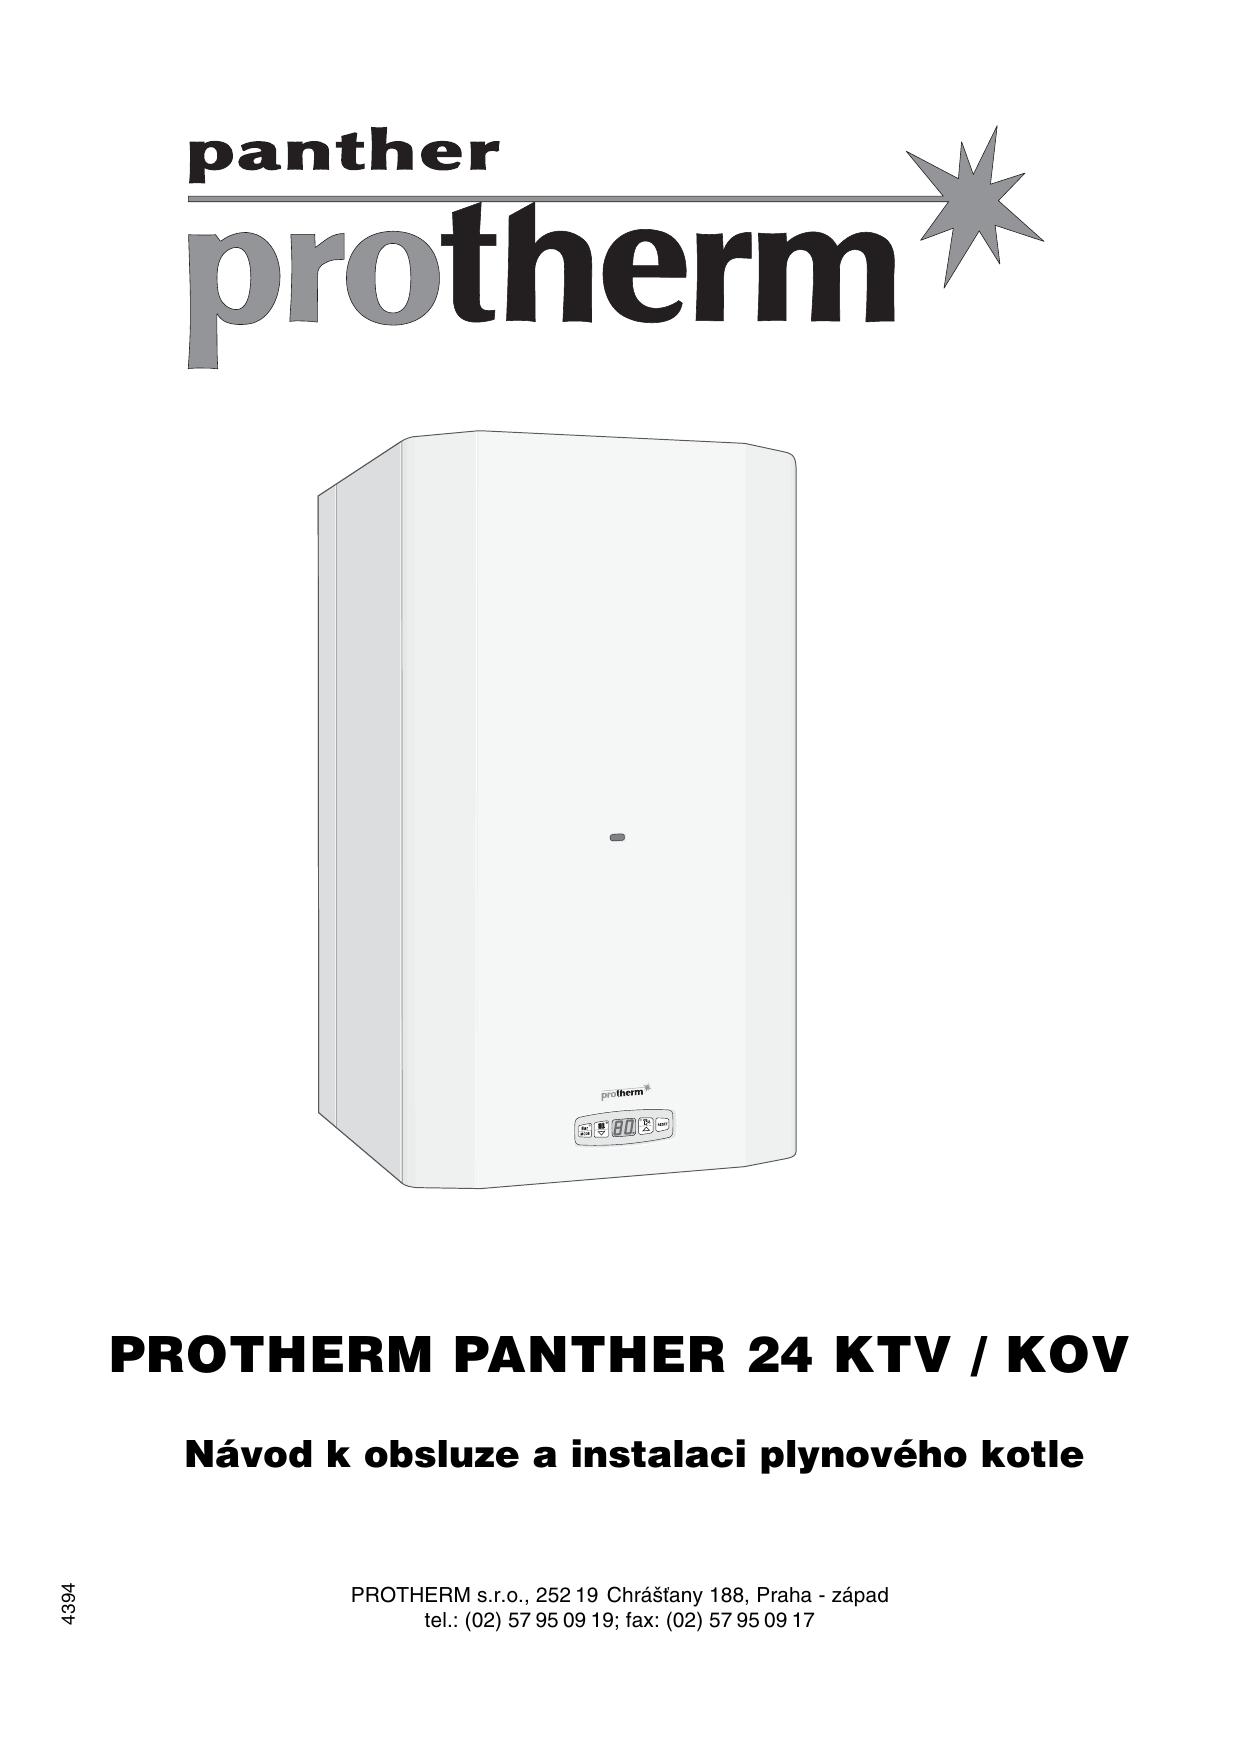 Protherm 24 KOV User manual | Manualzz